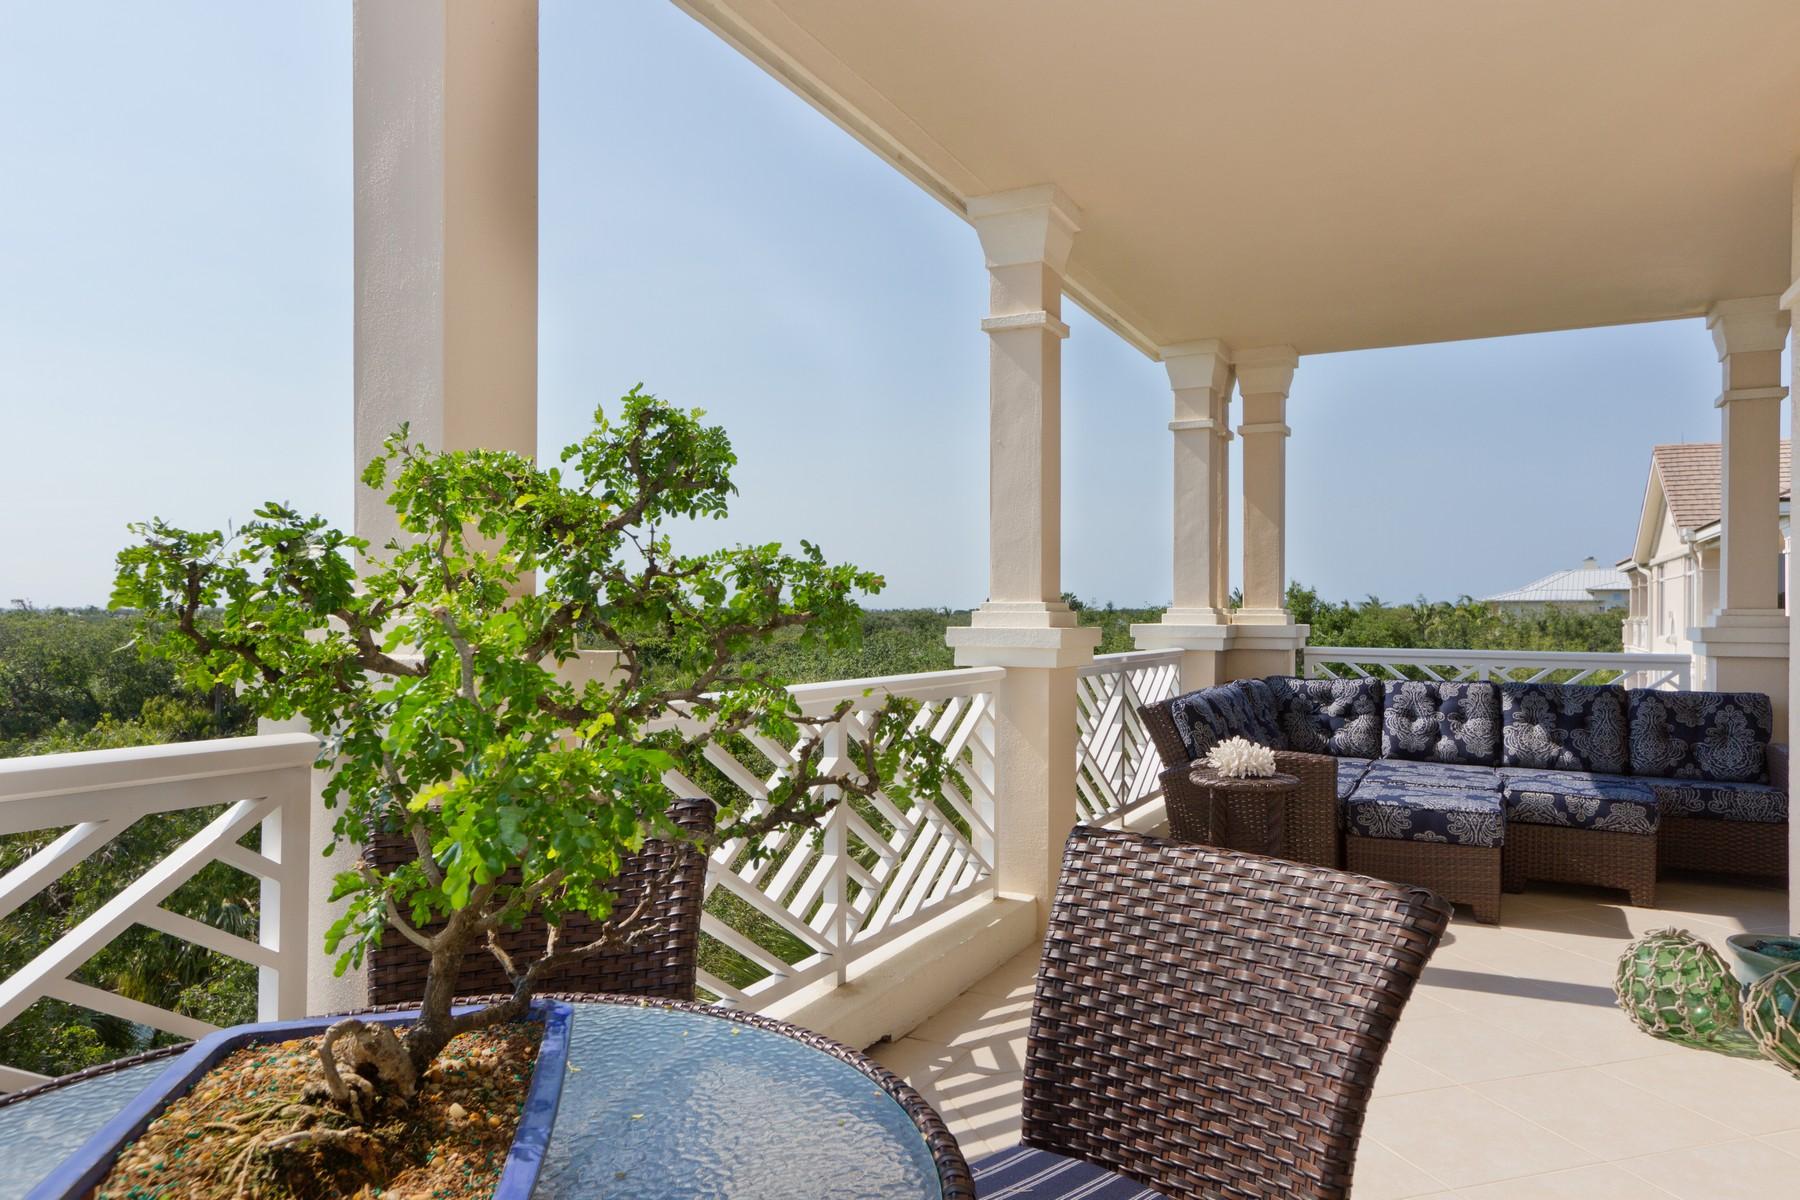 Condomínio para Venda às Beautifully Appointed Luxury Condo 701 N Swim Club DR, #4B Indian River Shores, Florida, 32963 Estados Unidos